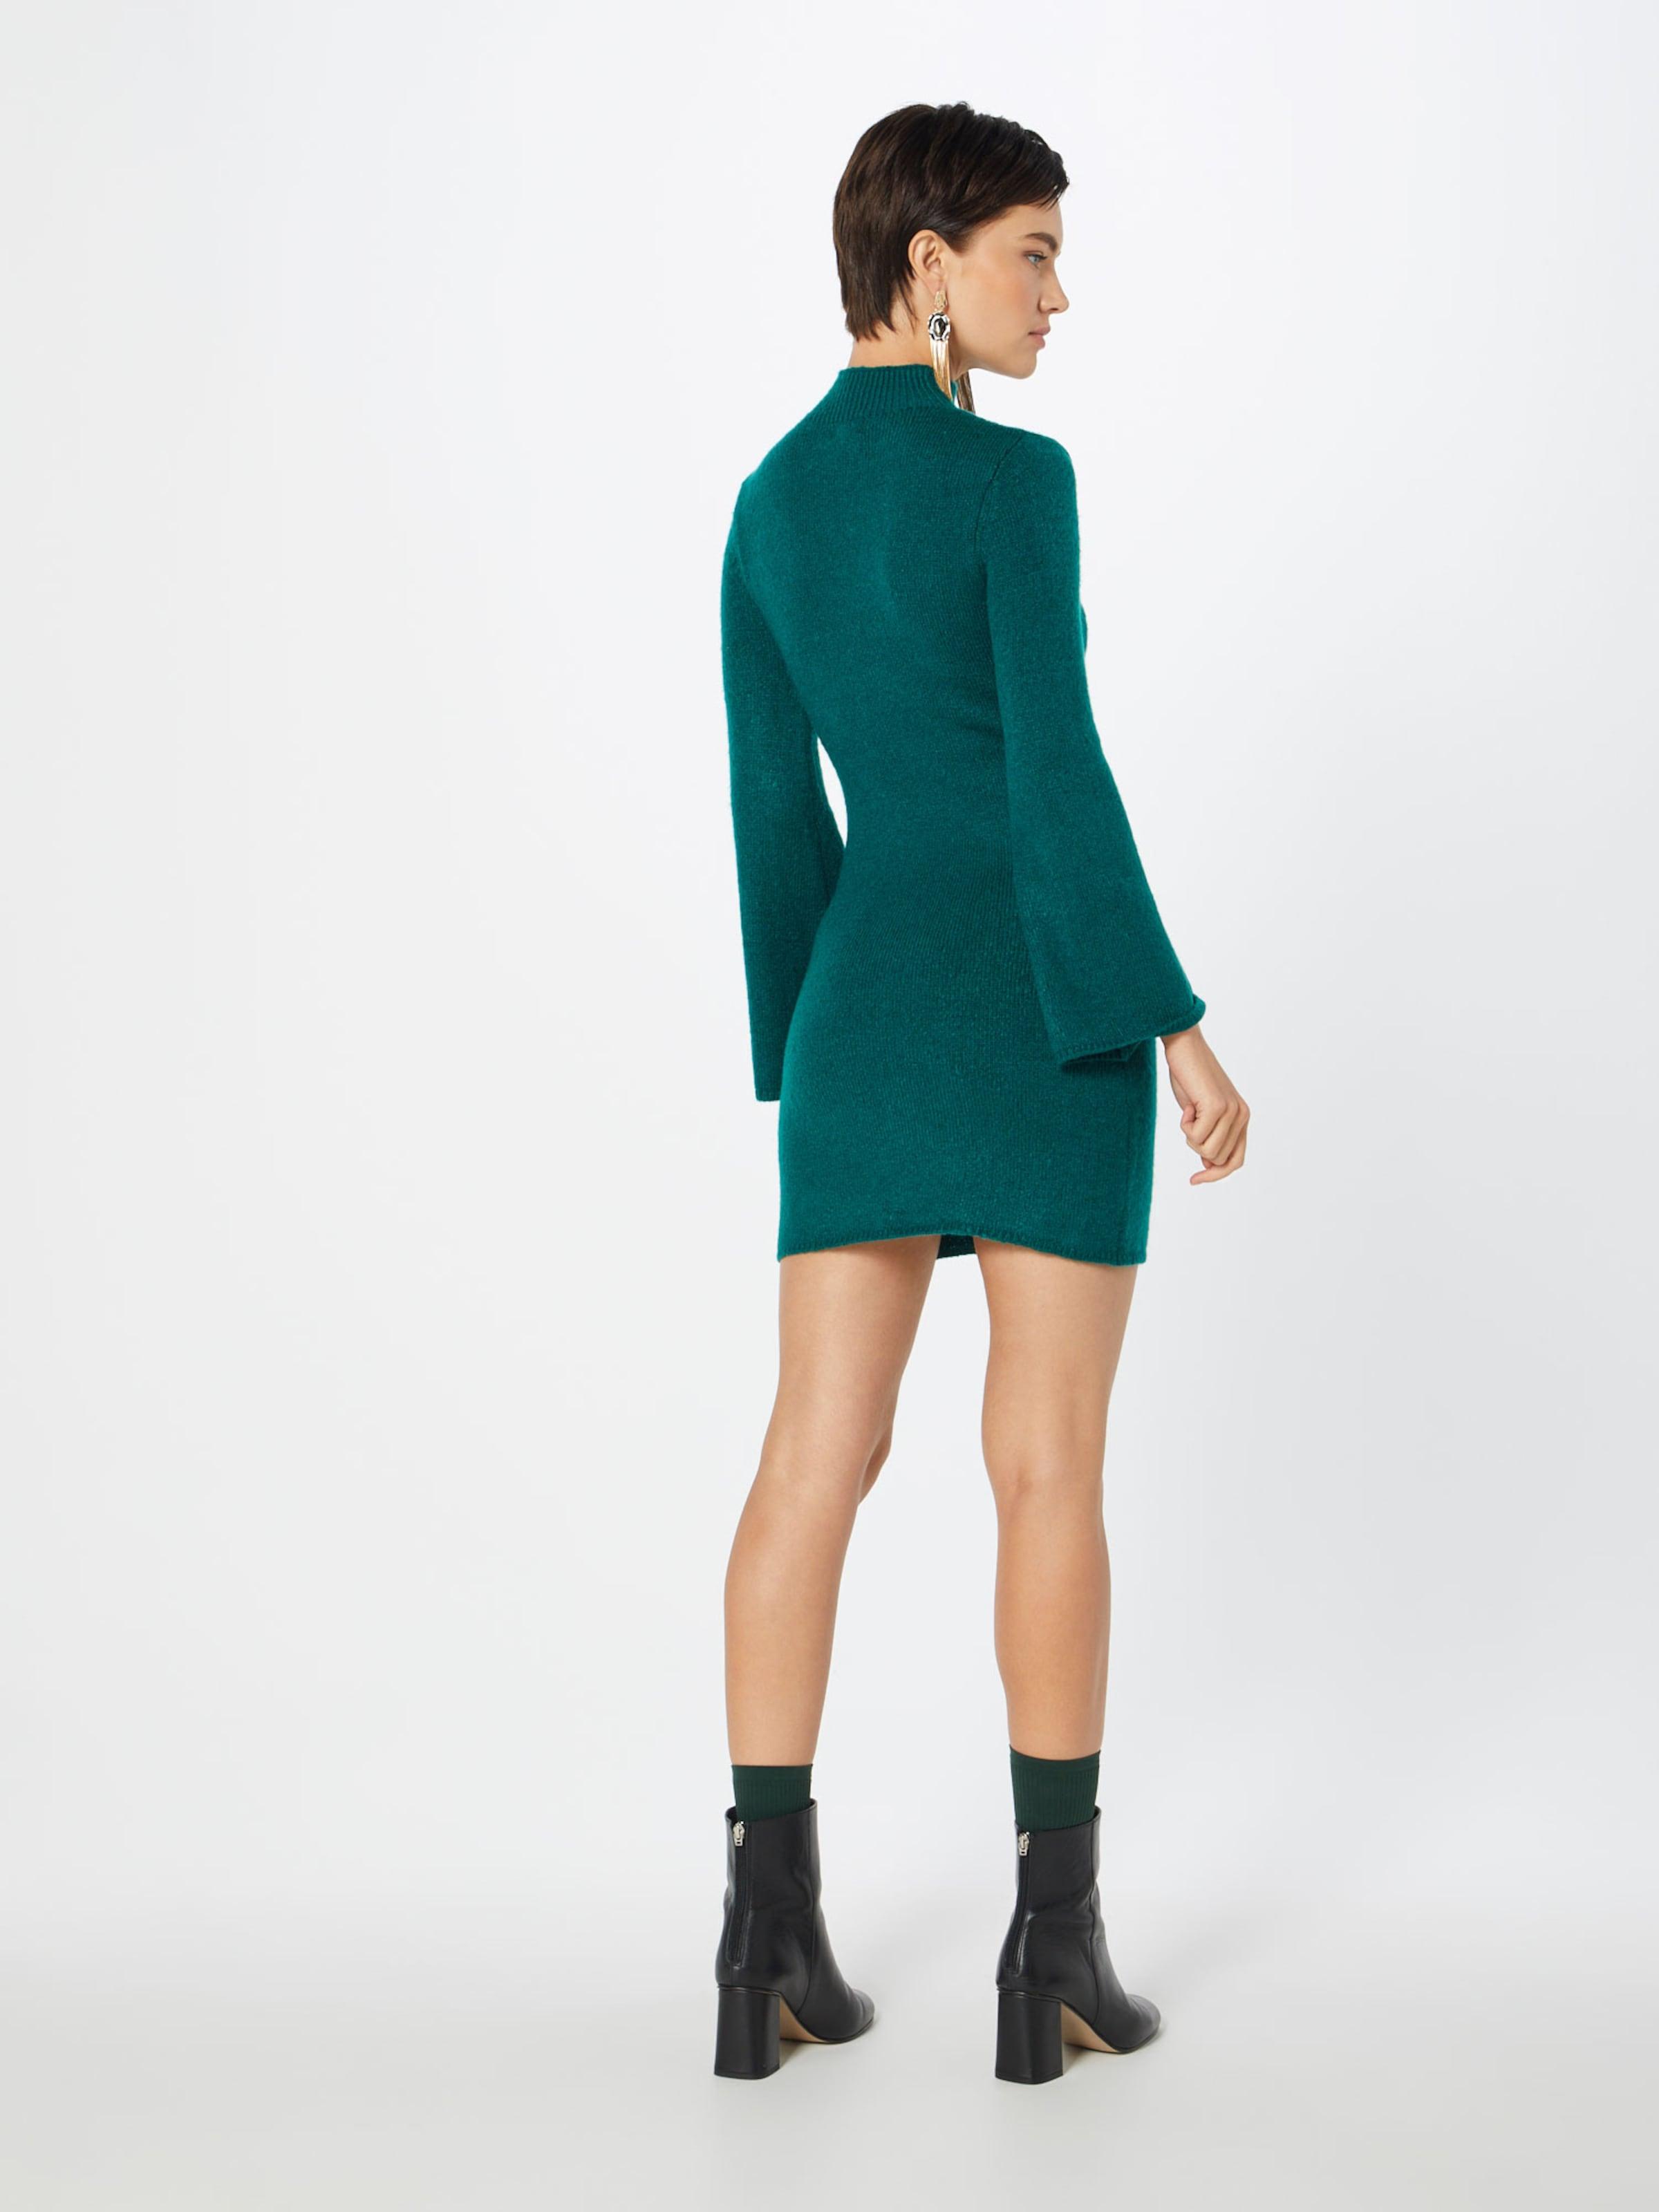 Pétrole Robes Maille Bardot 'tash' En MpqUVSz